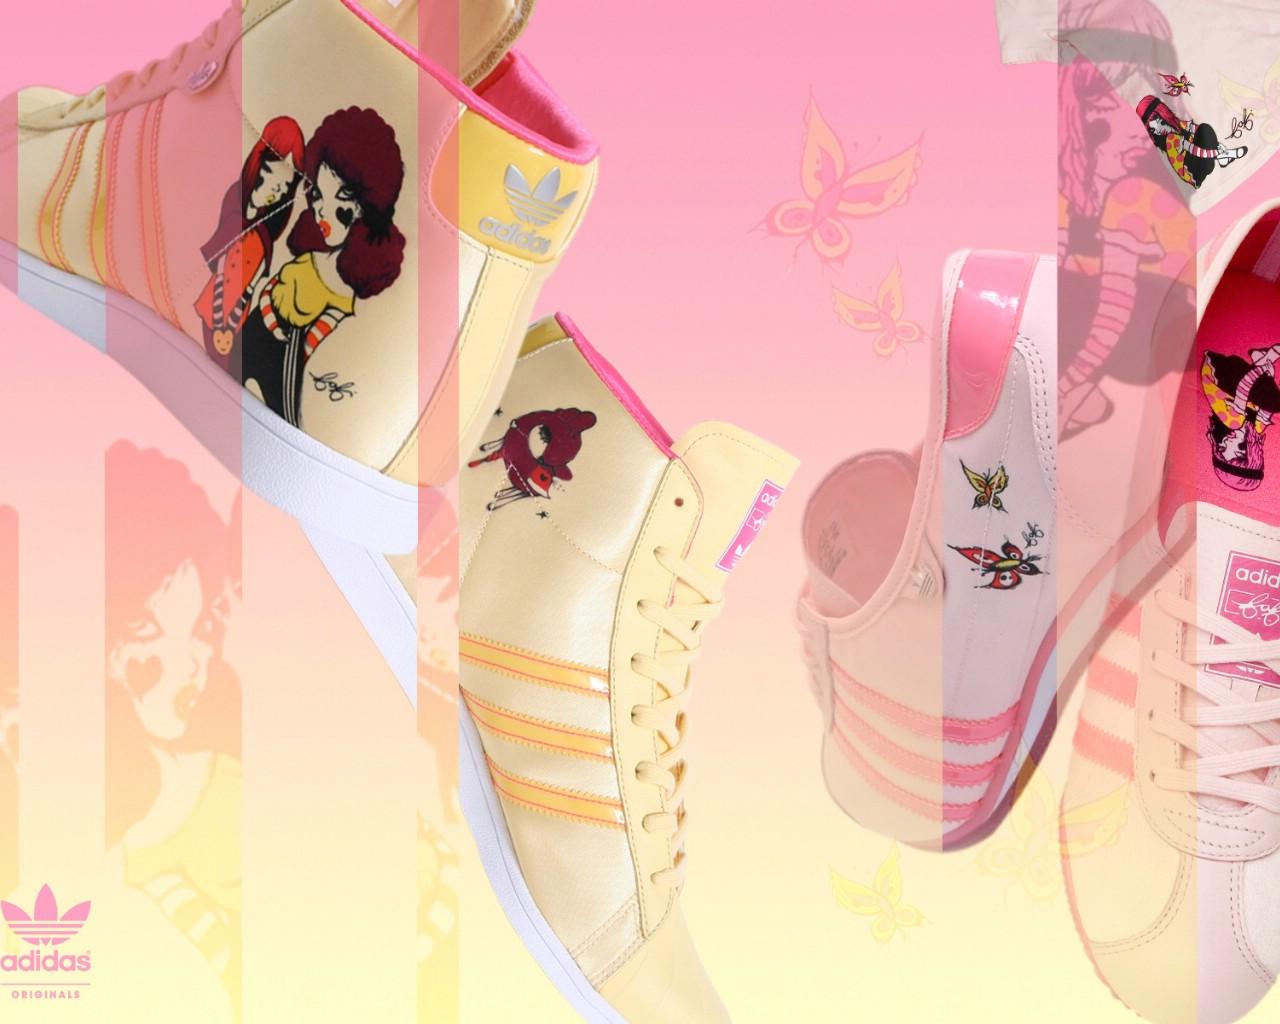 24设计精美 adidas三叶草官方壁纸壁纸,设计精美 adidas三叶草官图片